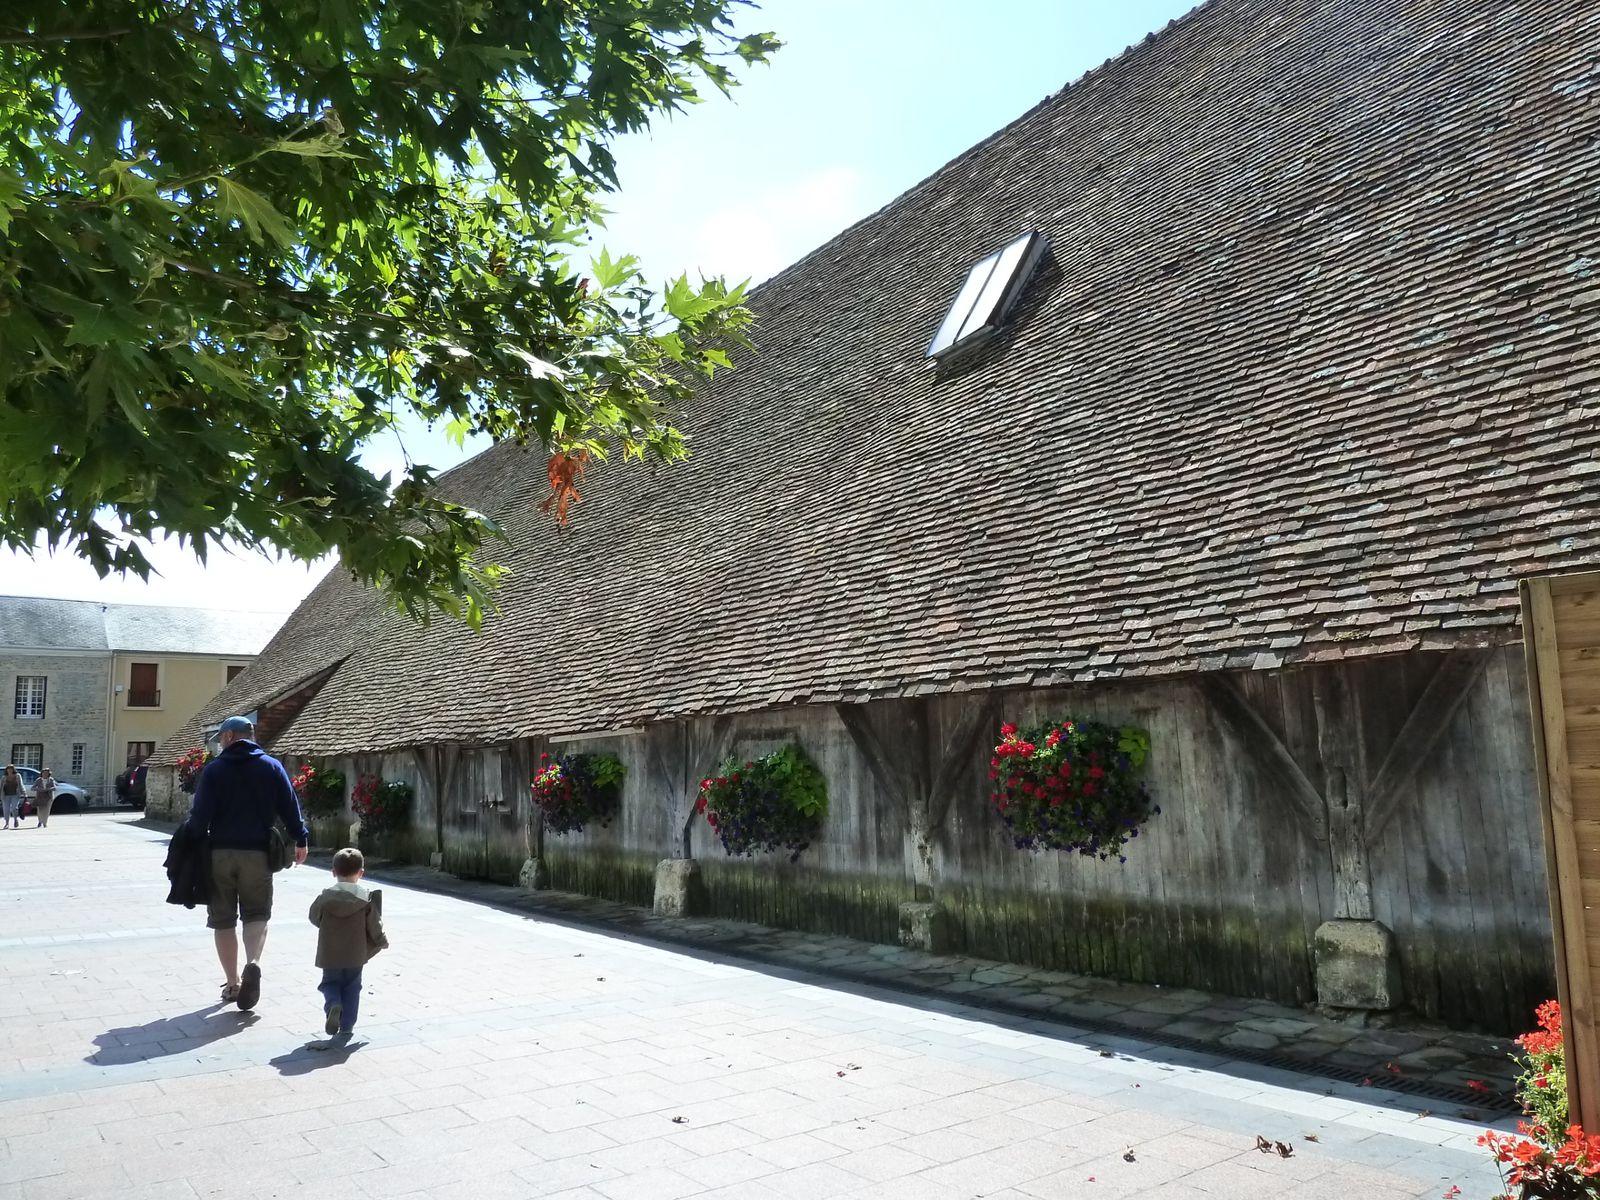 La village d'Art Guillaume-Le-Conquérant, Normandie 2013